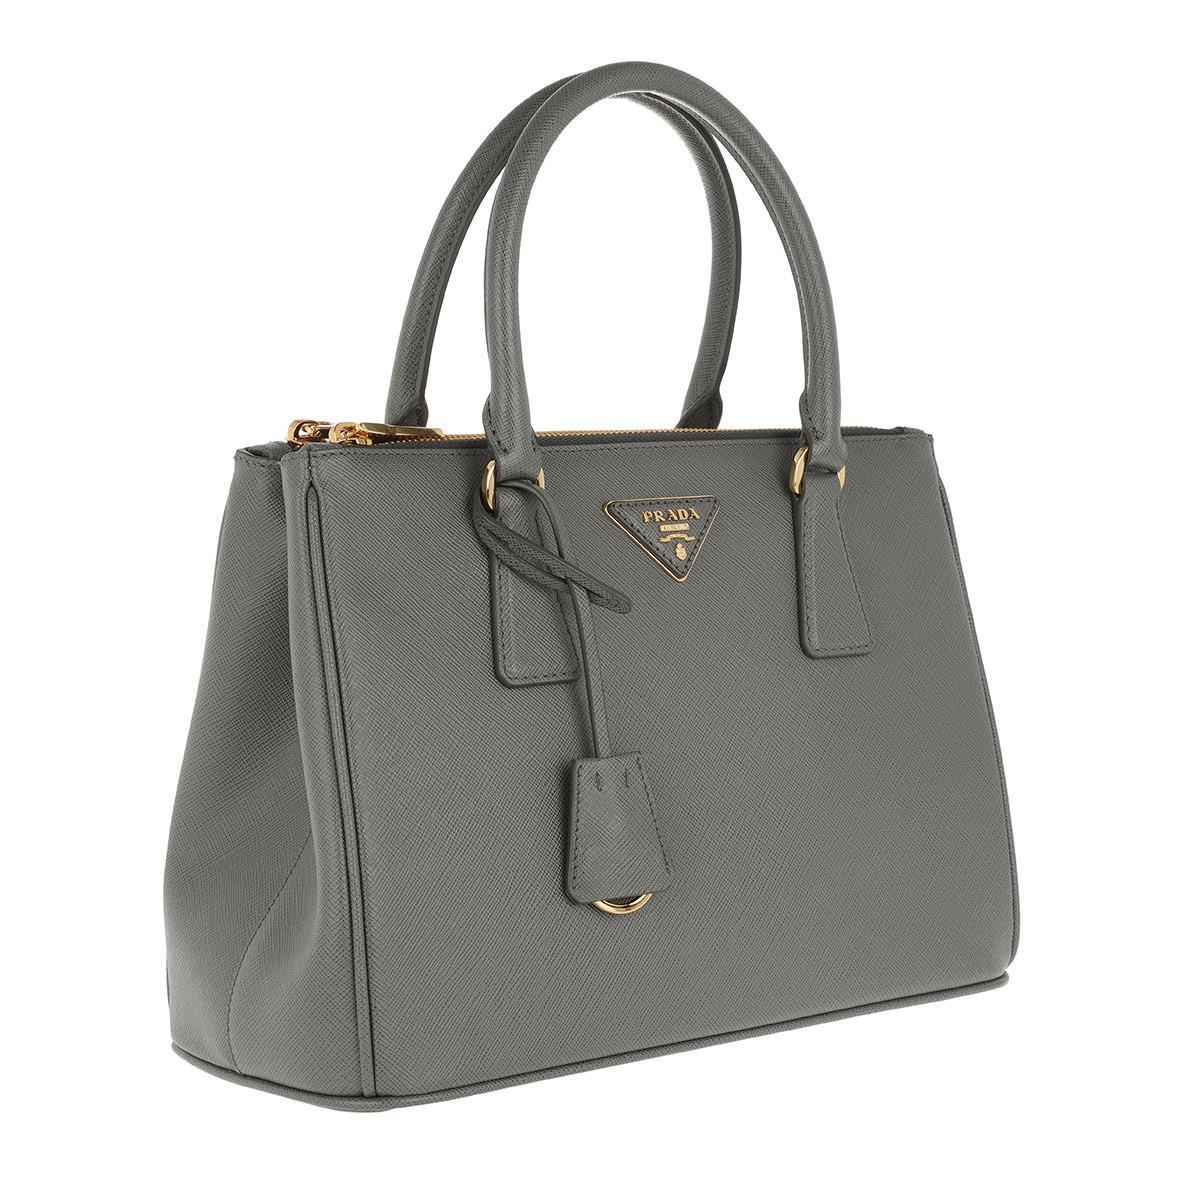 bd572f8163e7c6 Prada Galleria Tote Bag Medium Mercurio in Gray - Lyst